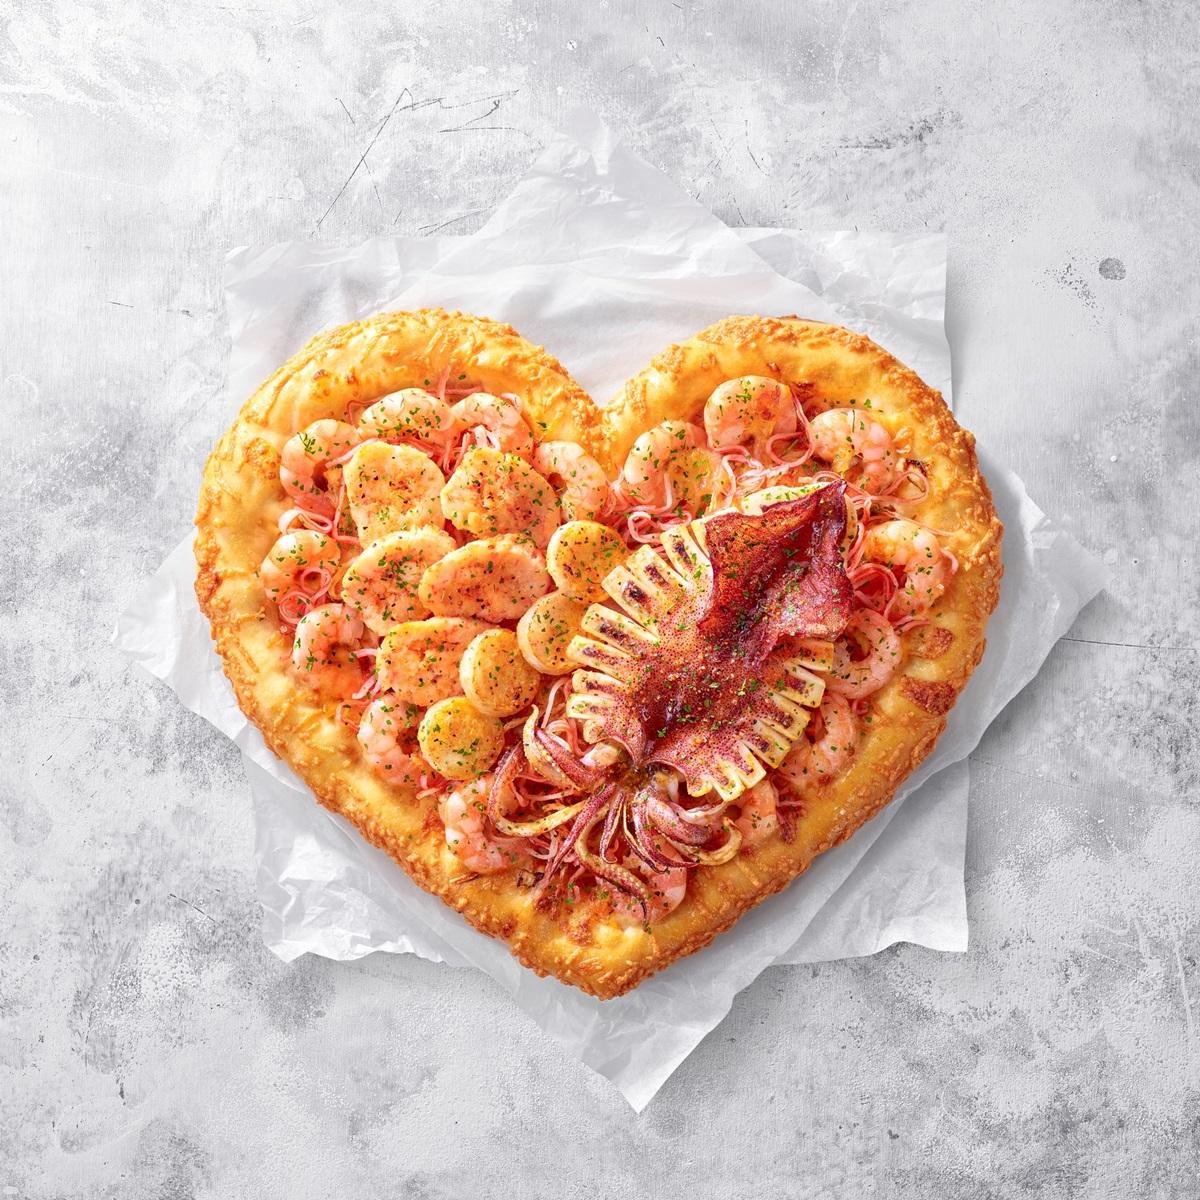 超狂披薩「夜市烤魷魚」整隻放上去!滿滿龍蝦、干貝「愛心披薩」這裡吃,還有芝心牽絲